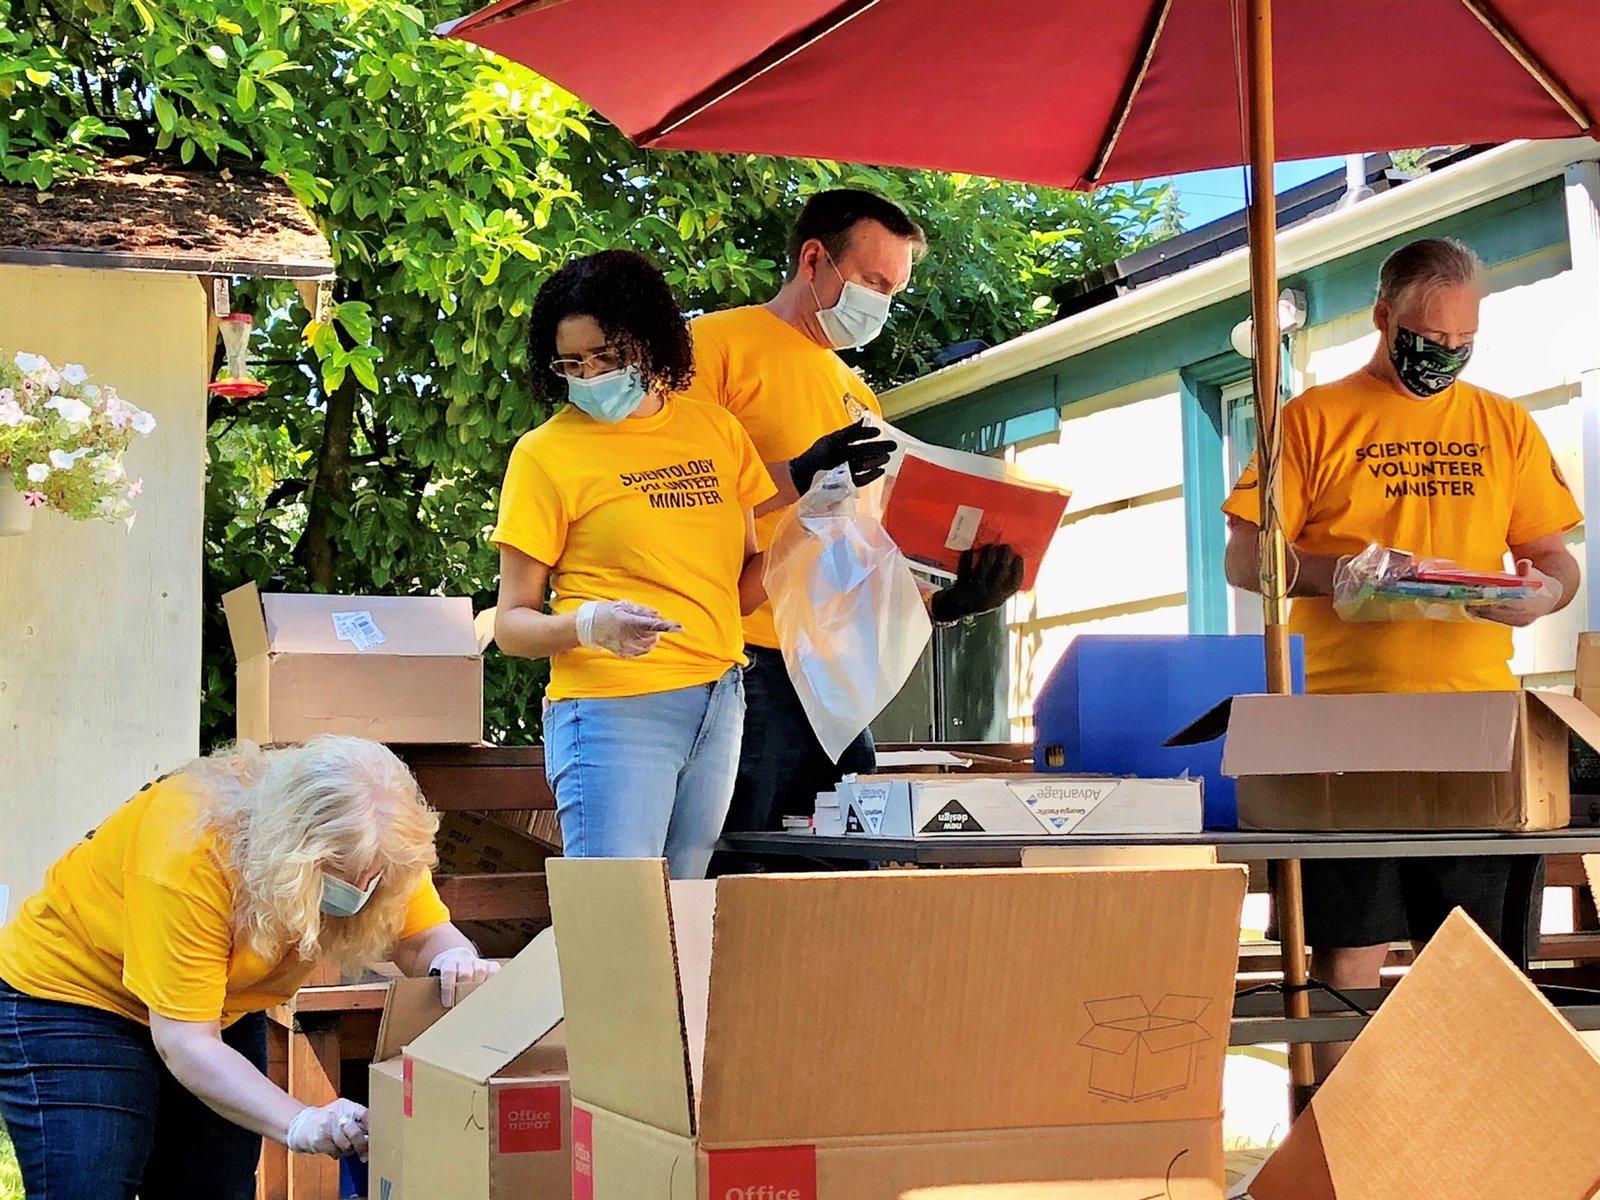 Les Ministres Volontaires de Scientology soutiennent les enfants pour la nouvelle année scolaire